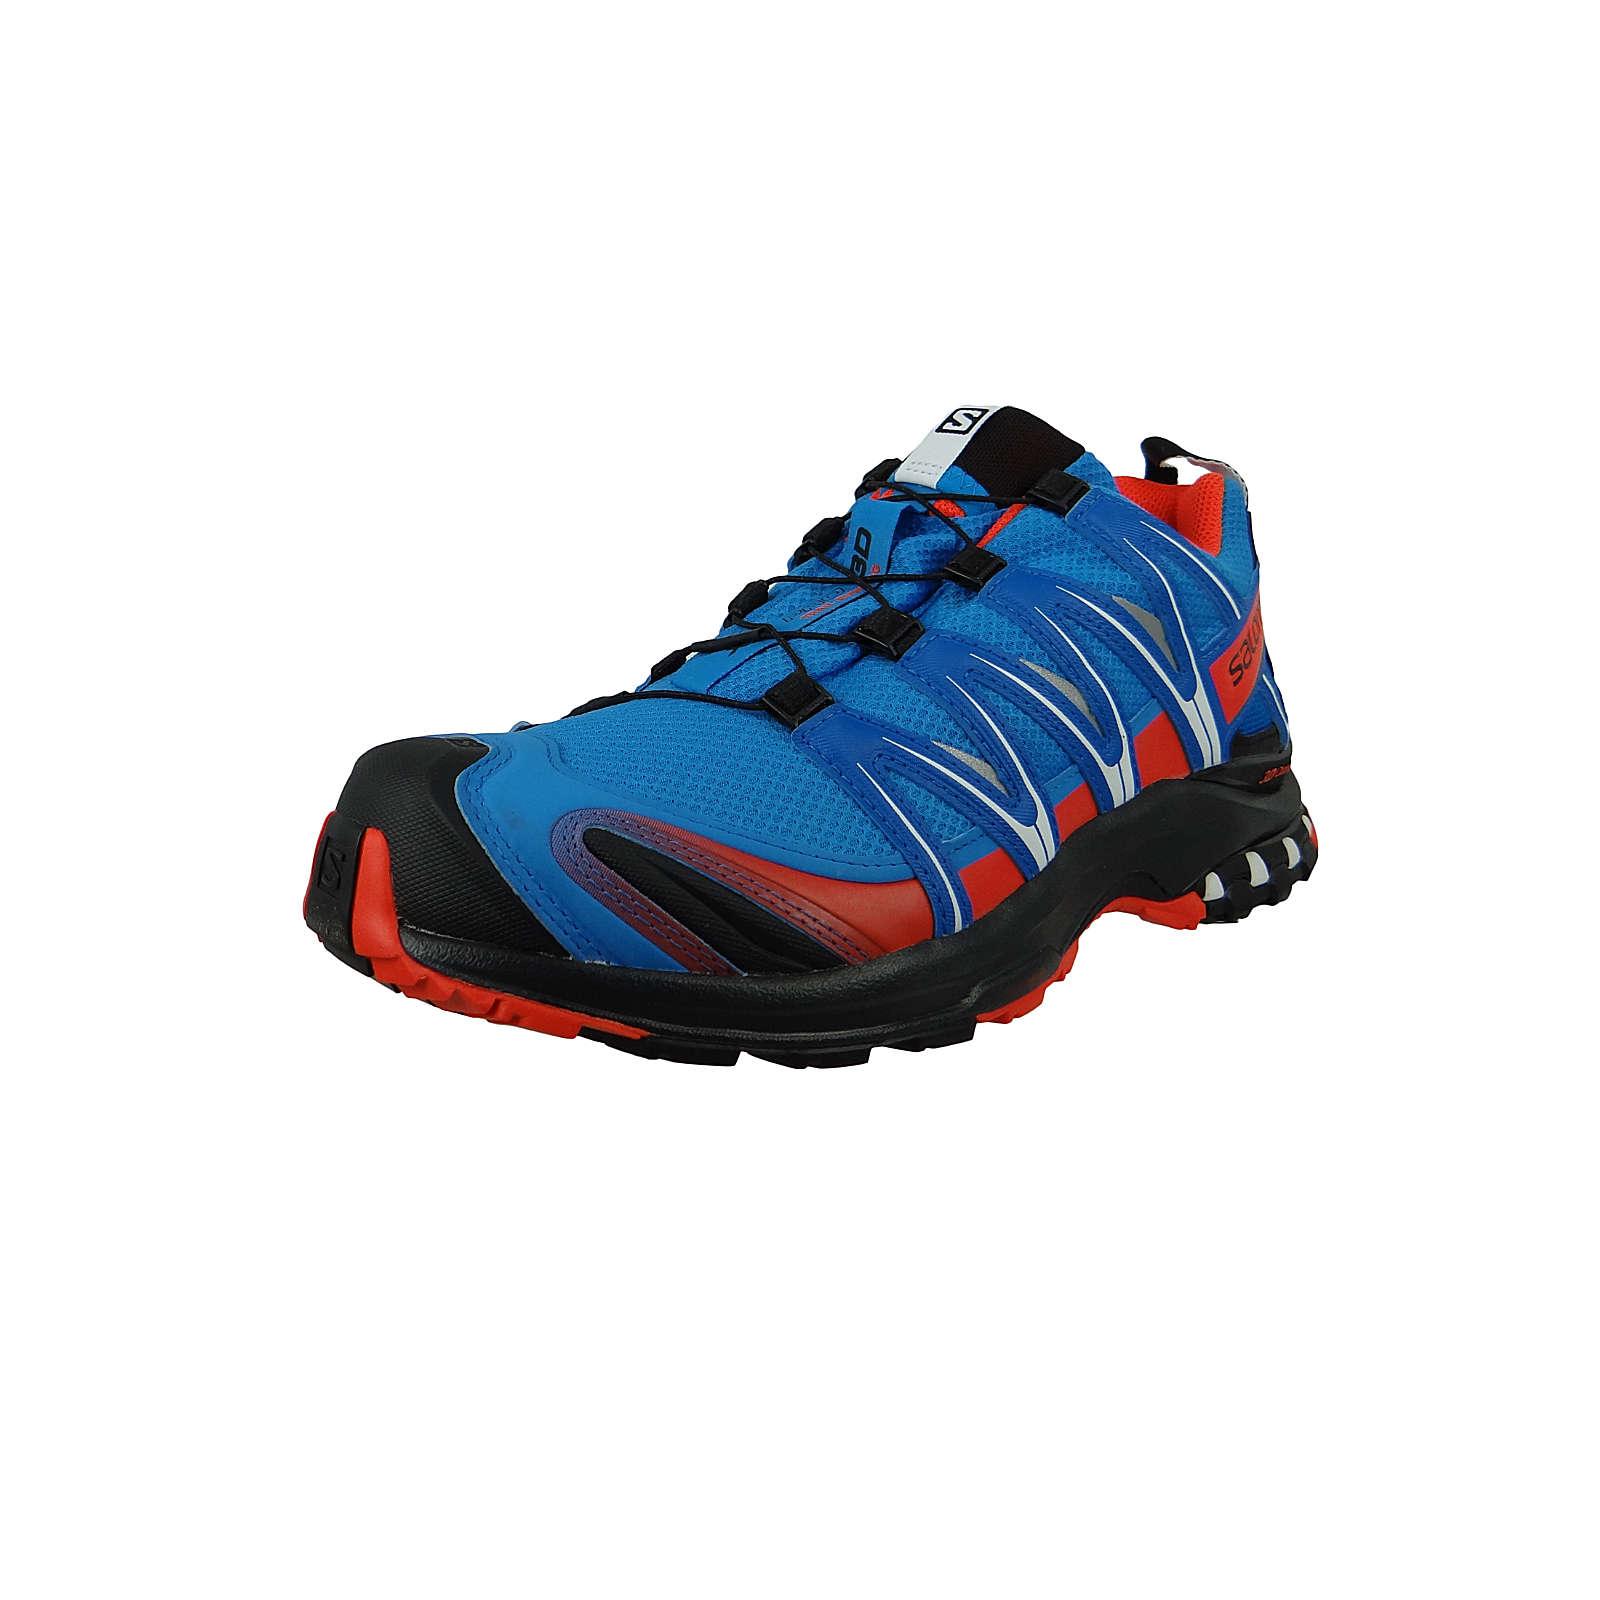 Salomon Herren Schuhe XA Pro 3D GTX Gore Tex 406715 Blau Indigo Bunting Sky Diver Cherry To Wanderschuhe blau Gr. 42